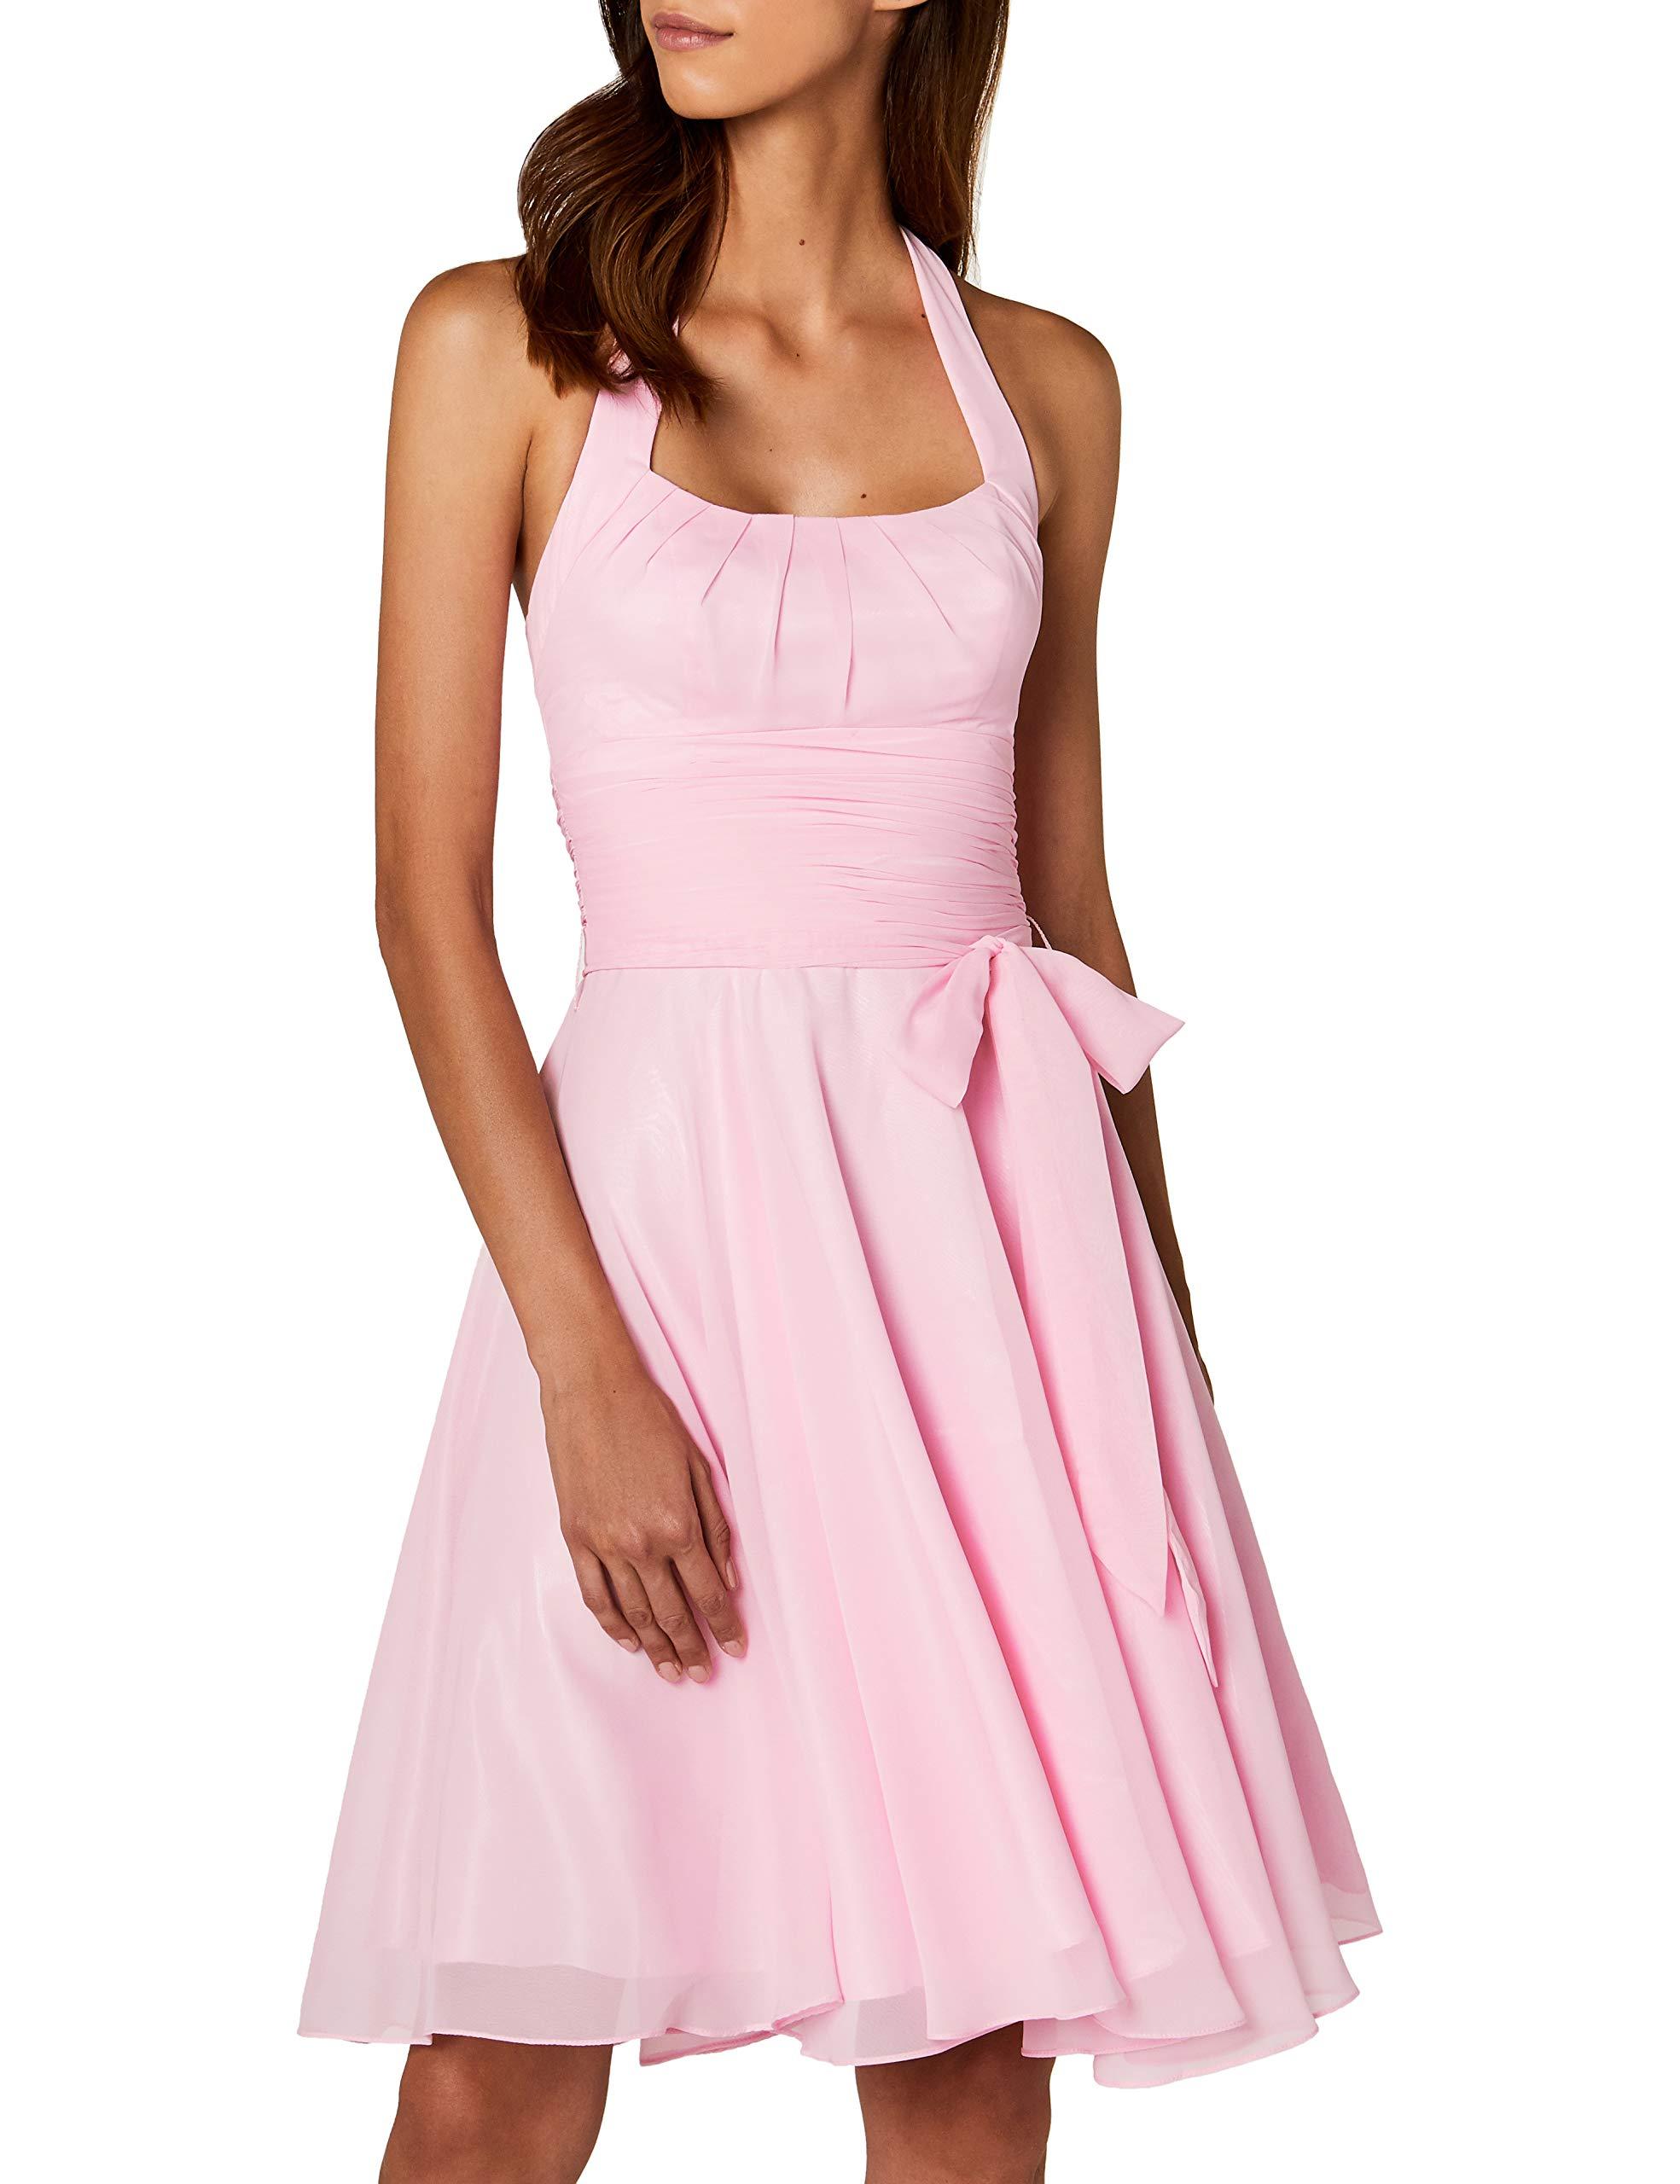 online store 4dc1d 90087 Astrapahl Damen Cocktail Kleid Neckholder, Knielang, Einfarbig, Gr. 36, Rosa